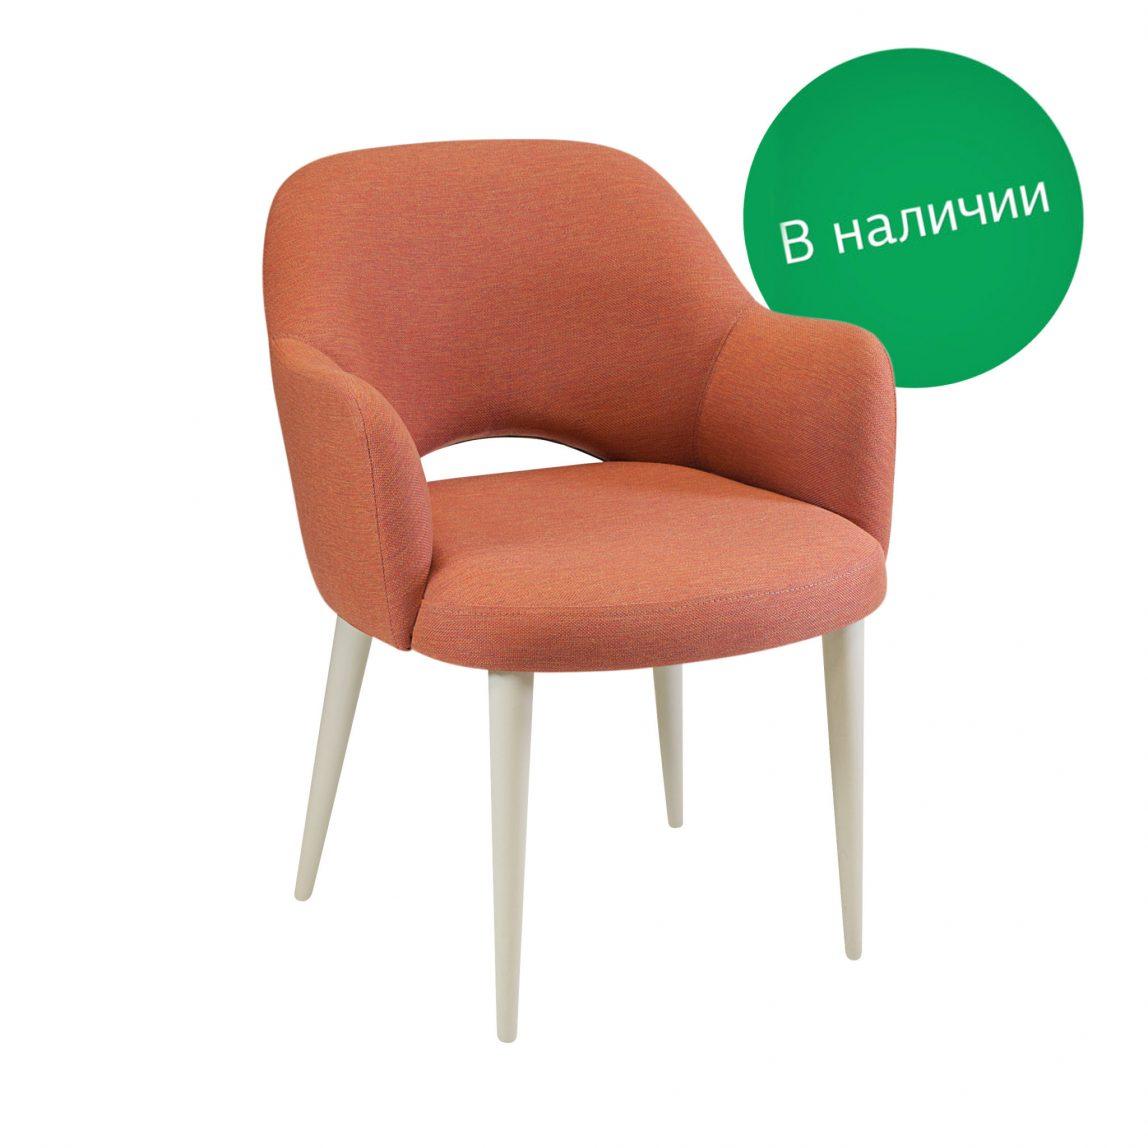 Оранжевый стул Рольф в наличии